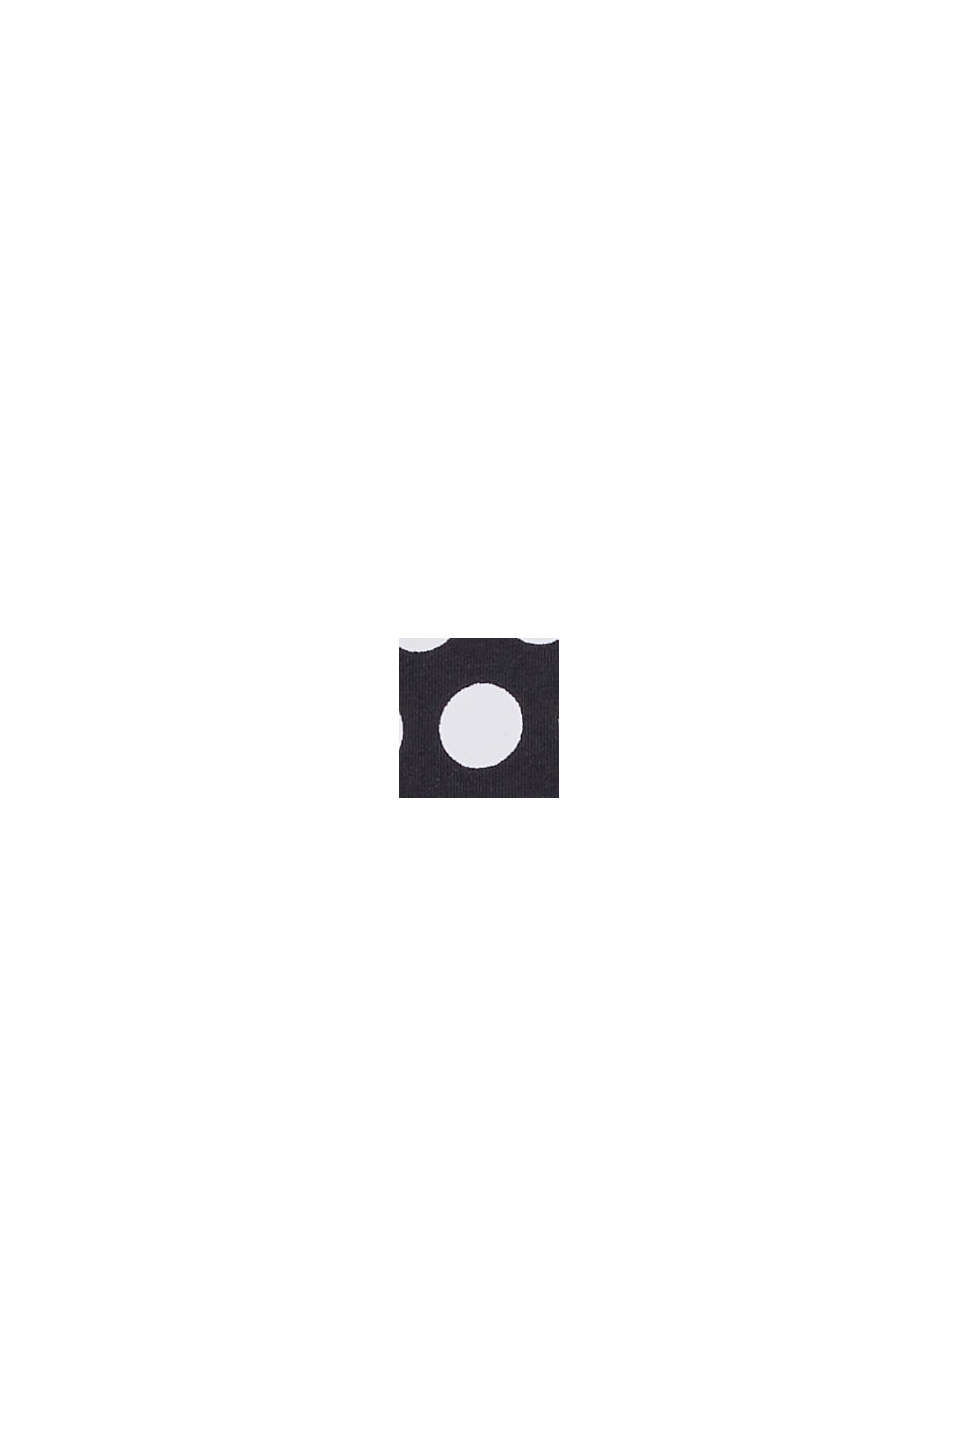 Maillot une pièce rembourré à imprimé à pois, BLACK, swatch